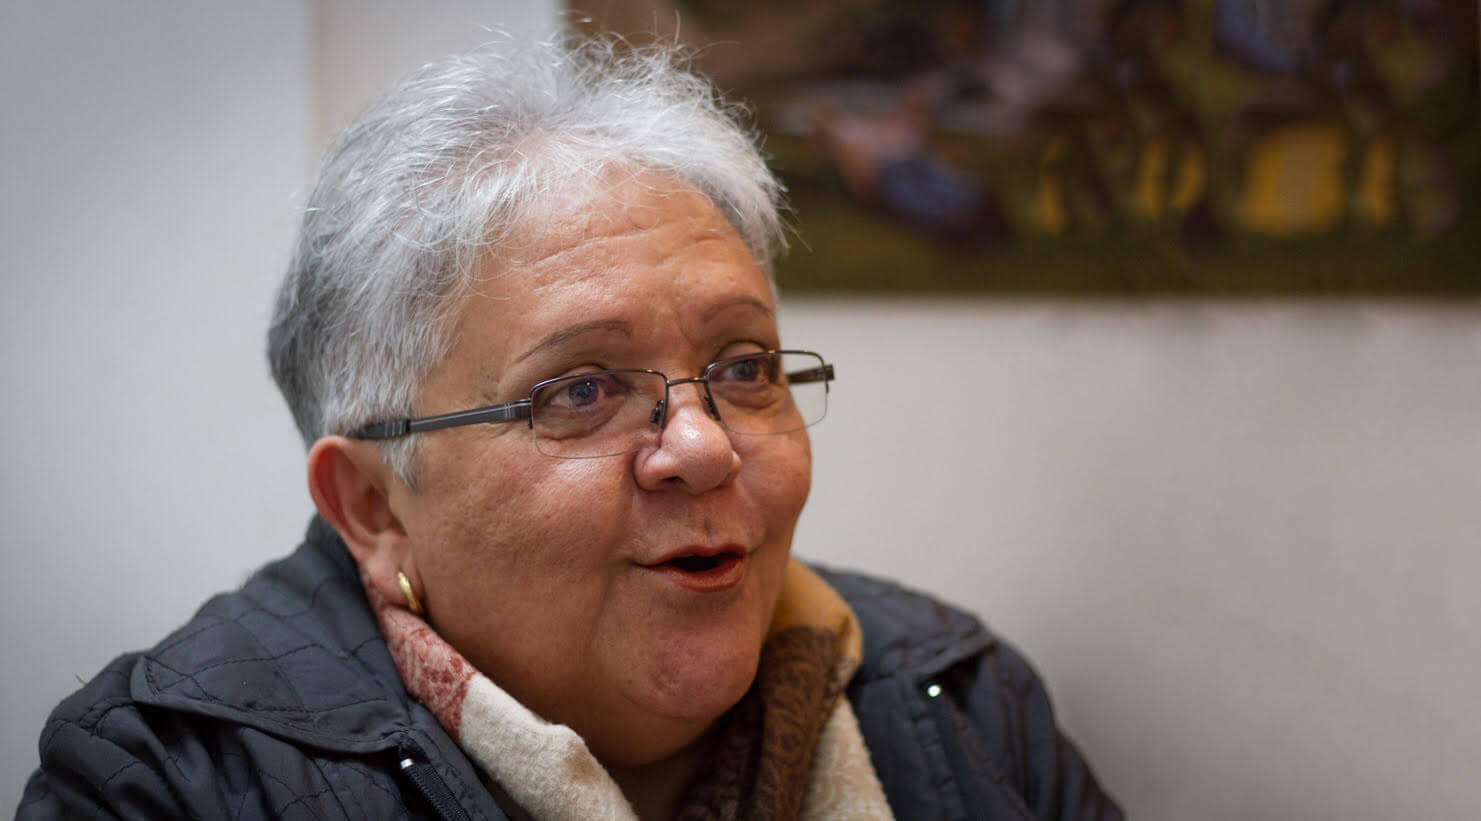 ¿Ustedes nos van a llevar al castrochavismo?: Una charla con Imelda Daza